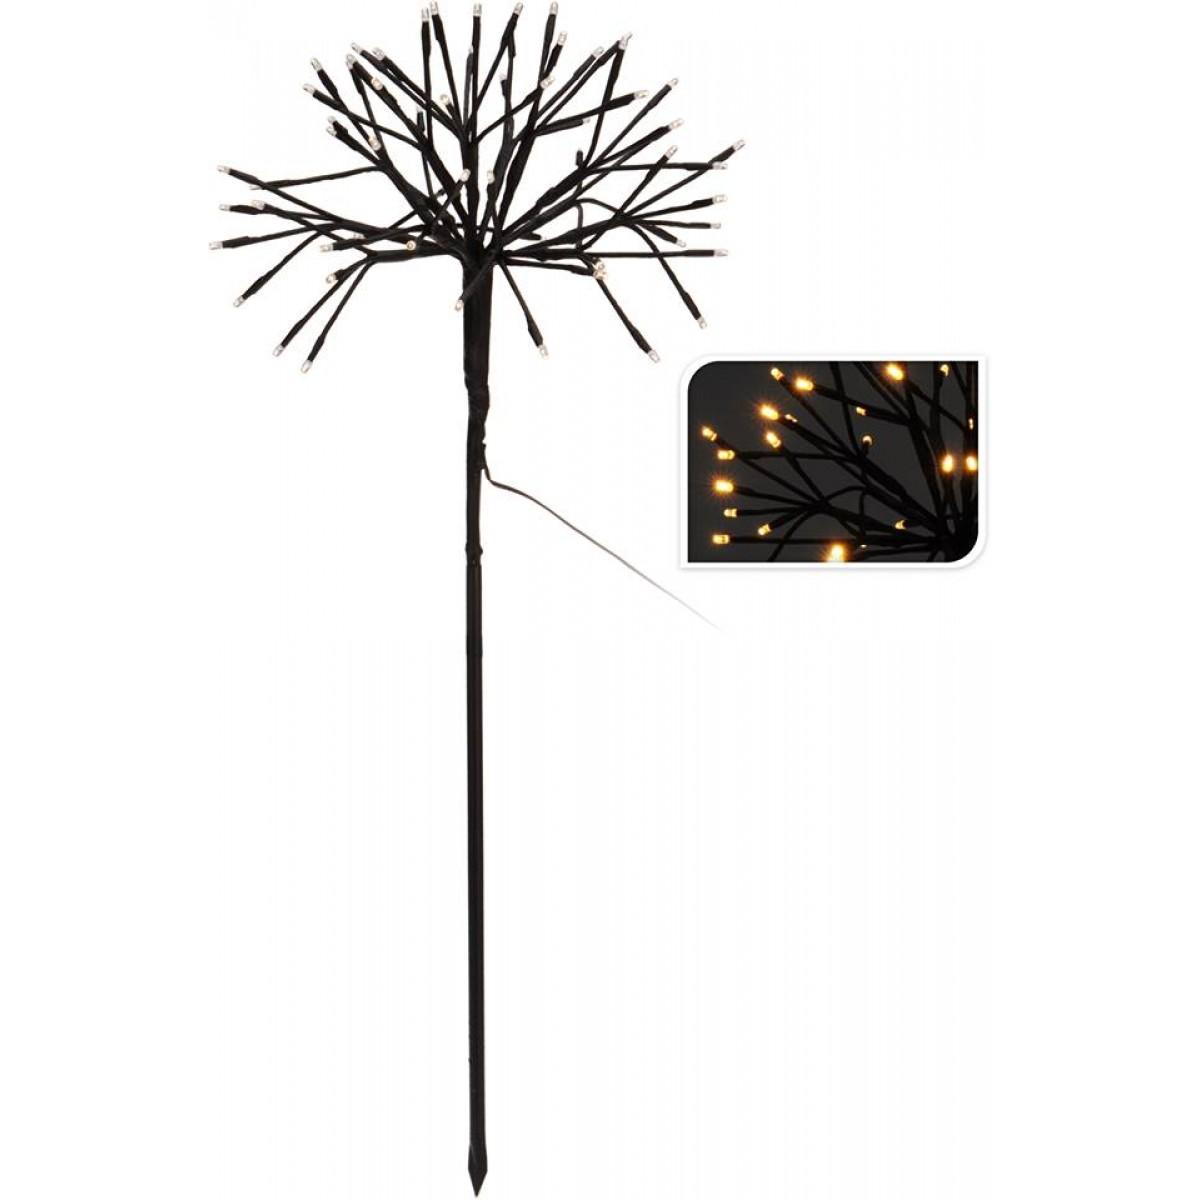 CONZEPT lystræ halvkugle 64 varmhvide LED